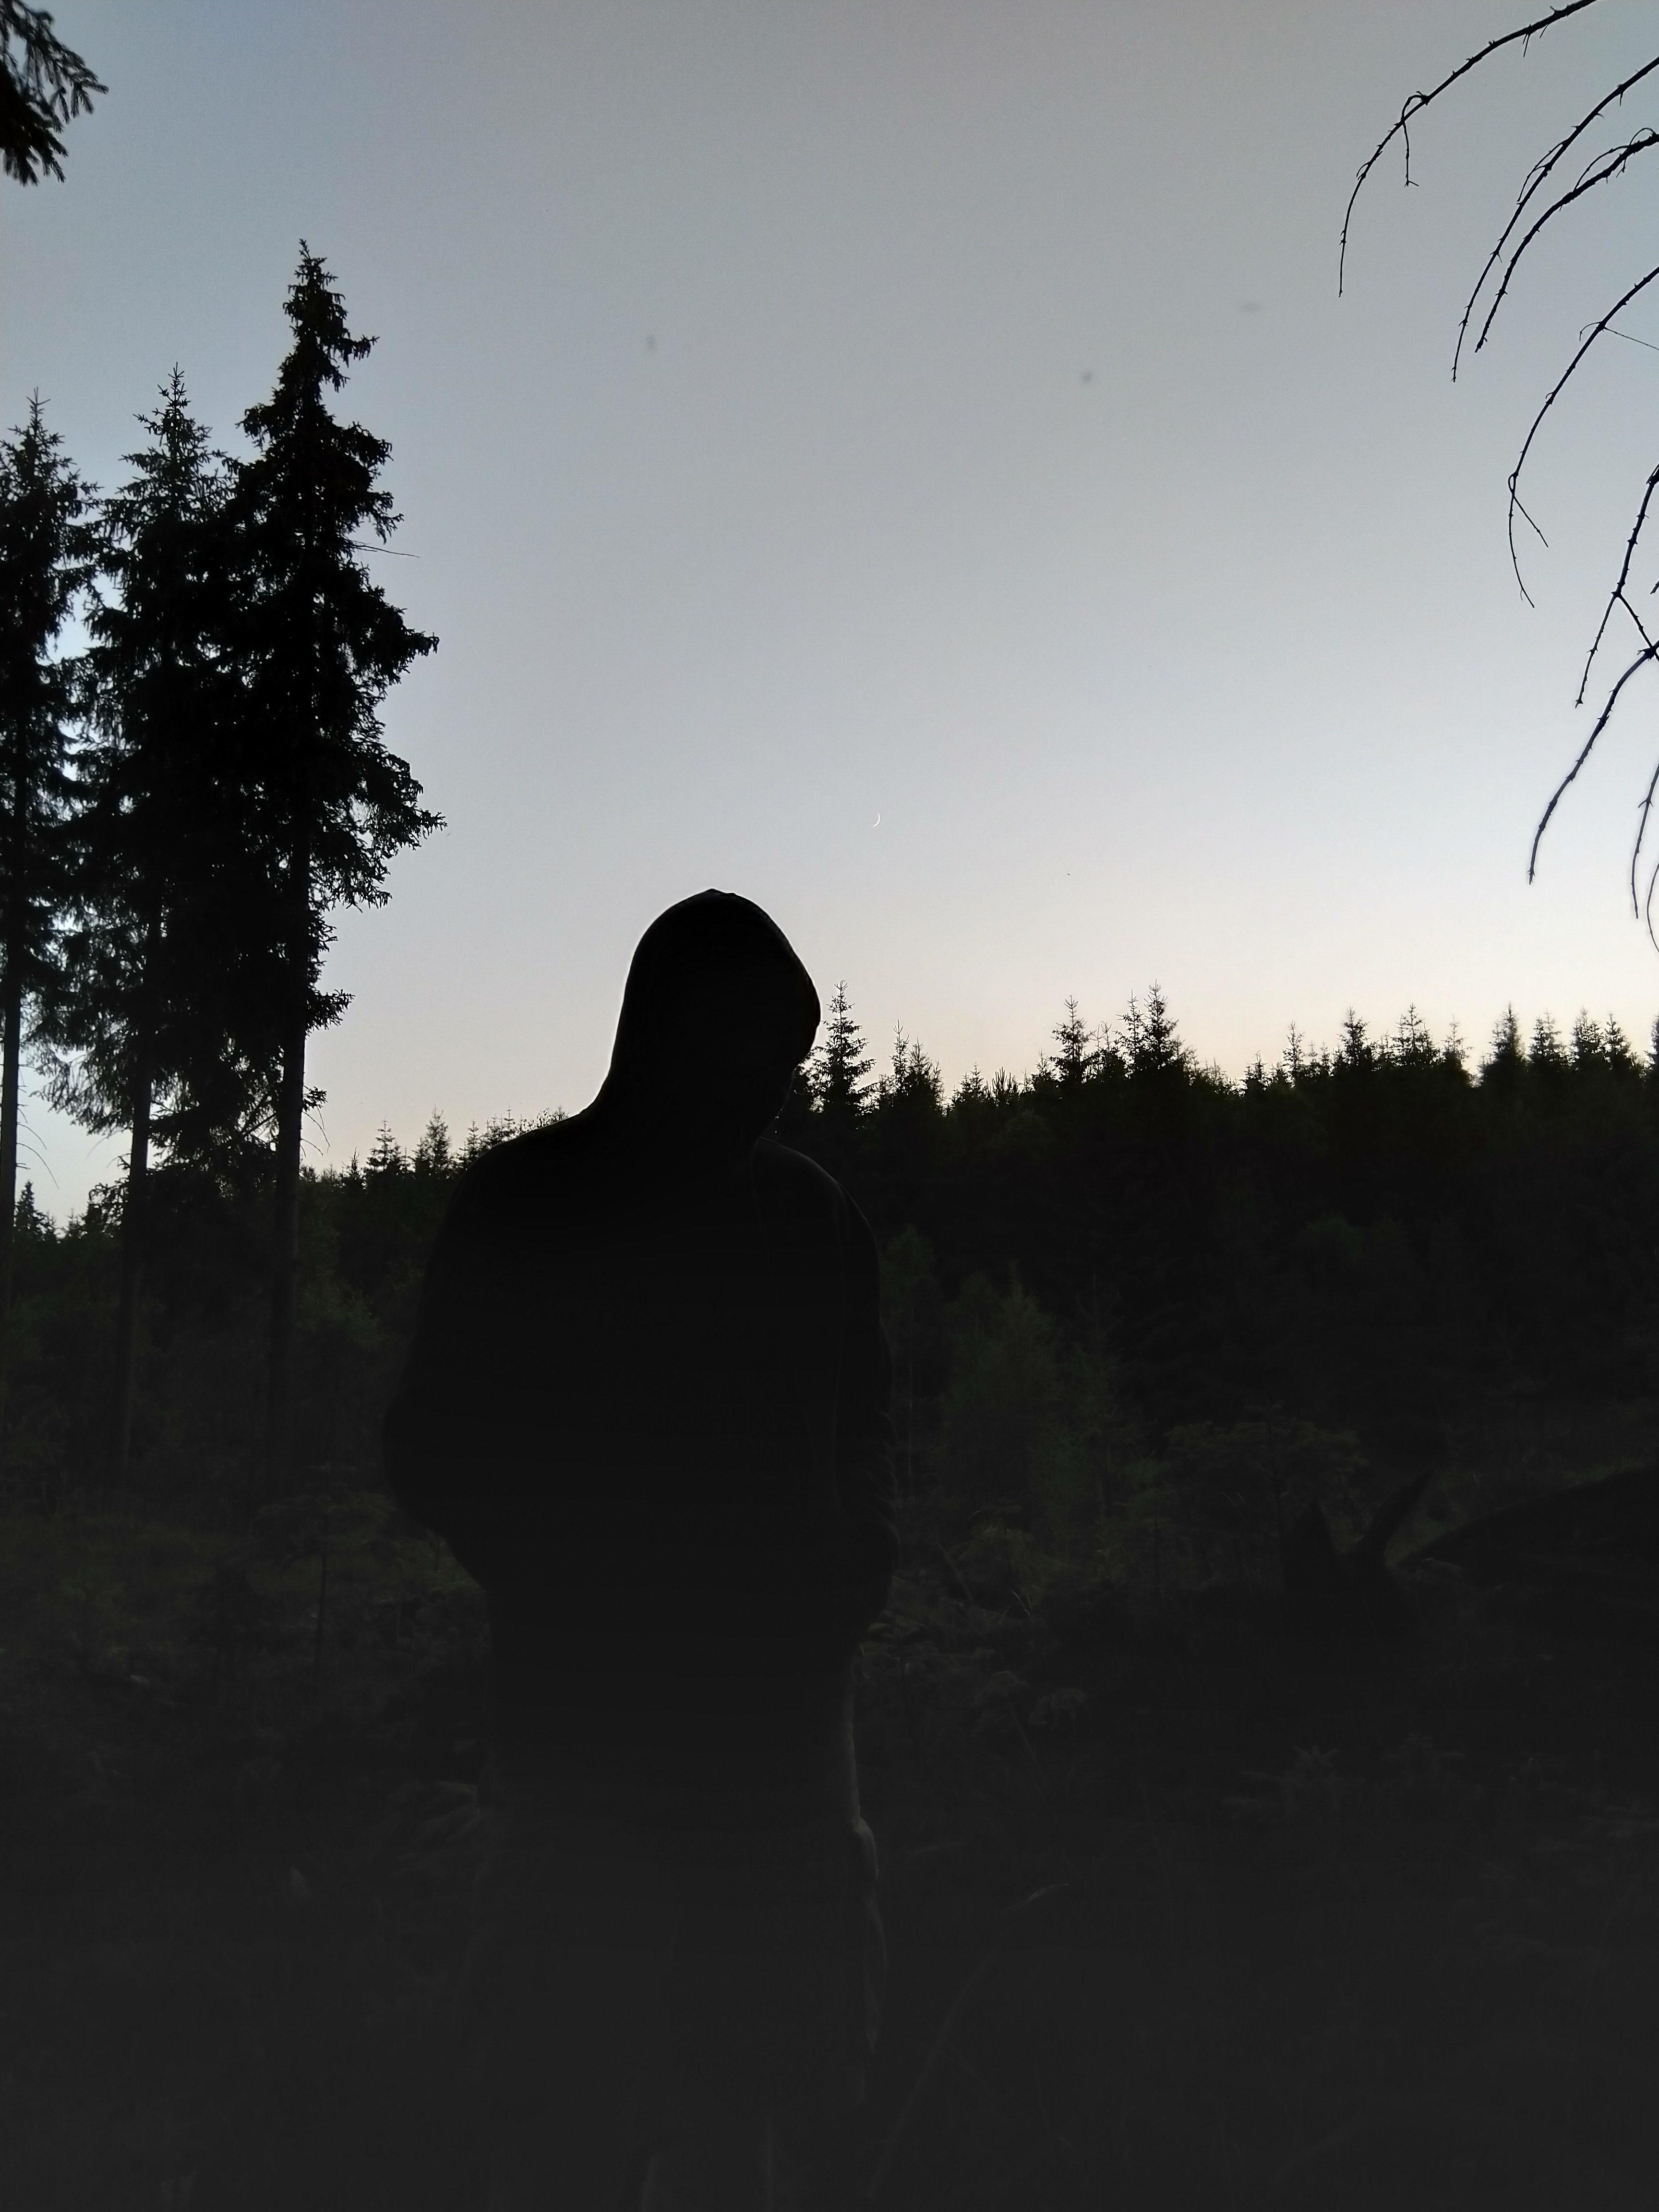 Czy to mroczny motyw z okładki zespołu black metalowego? Nie, to nocna zjawa w naszym obozie ;)